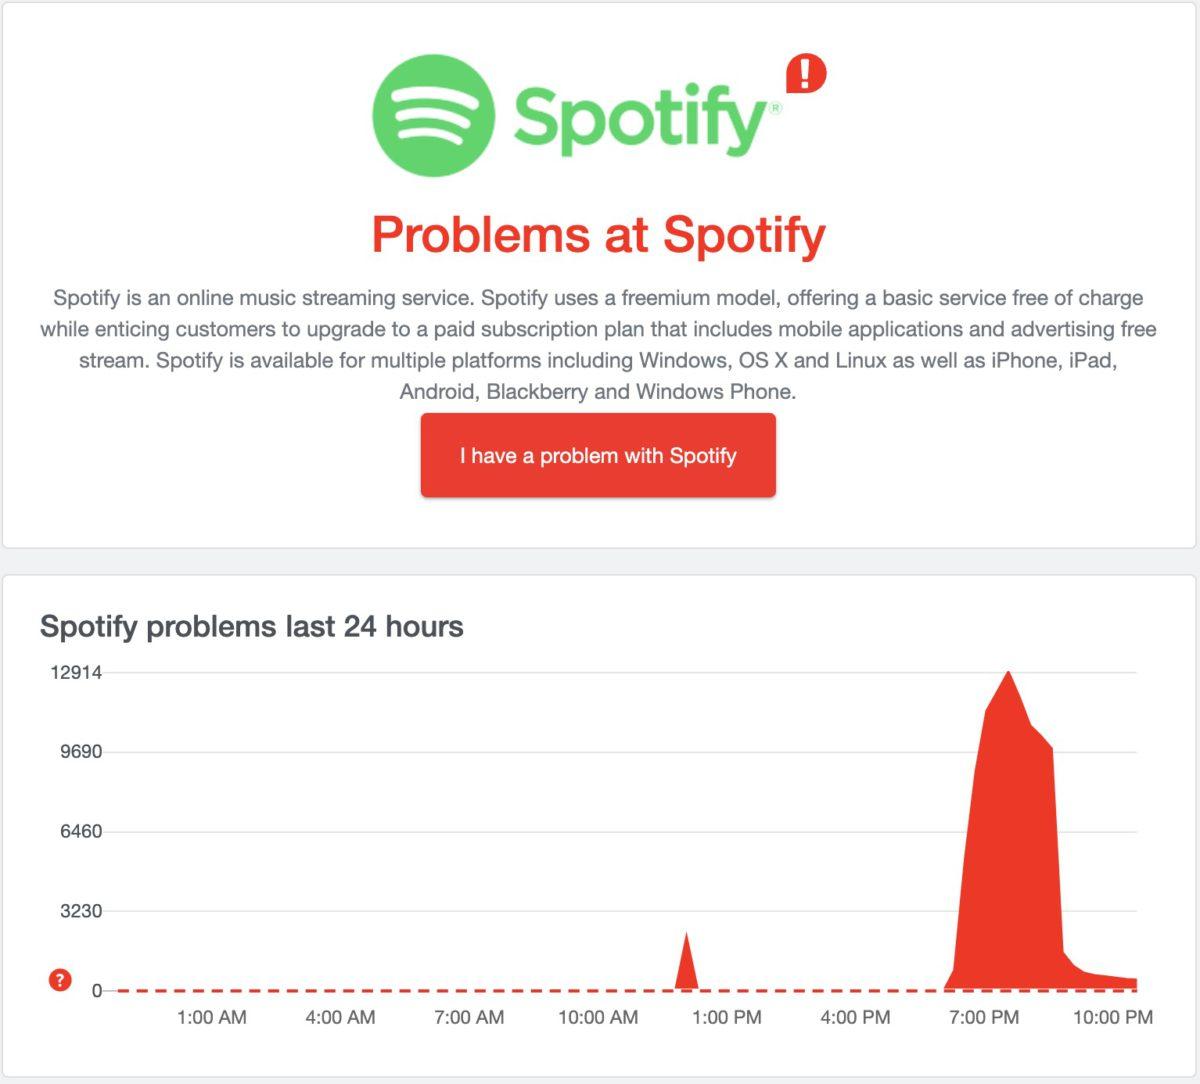 多款 iOS 手機程式,如 Spotify 在今晚 7 時左右開始出現大量無法使用的報告